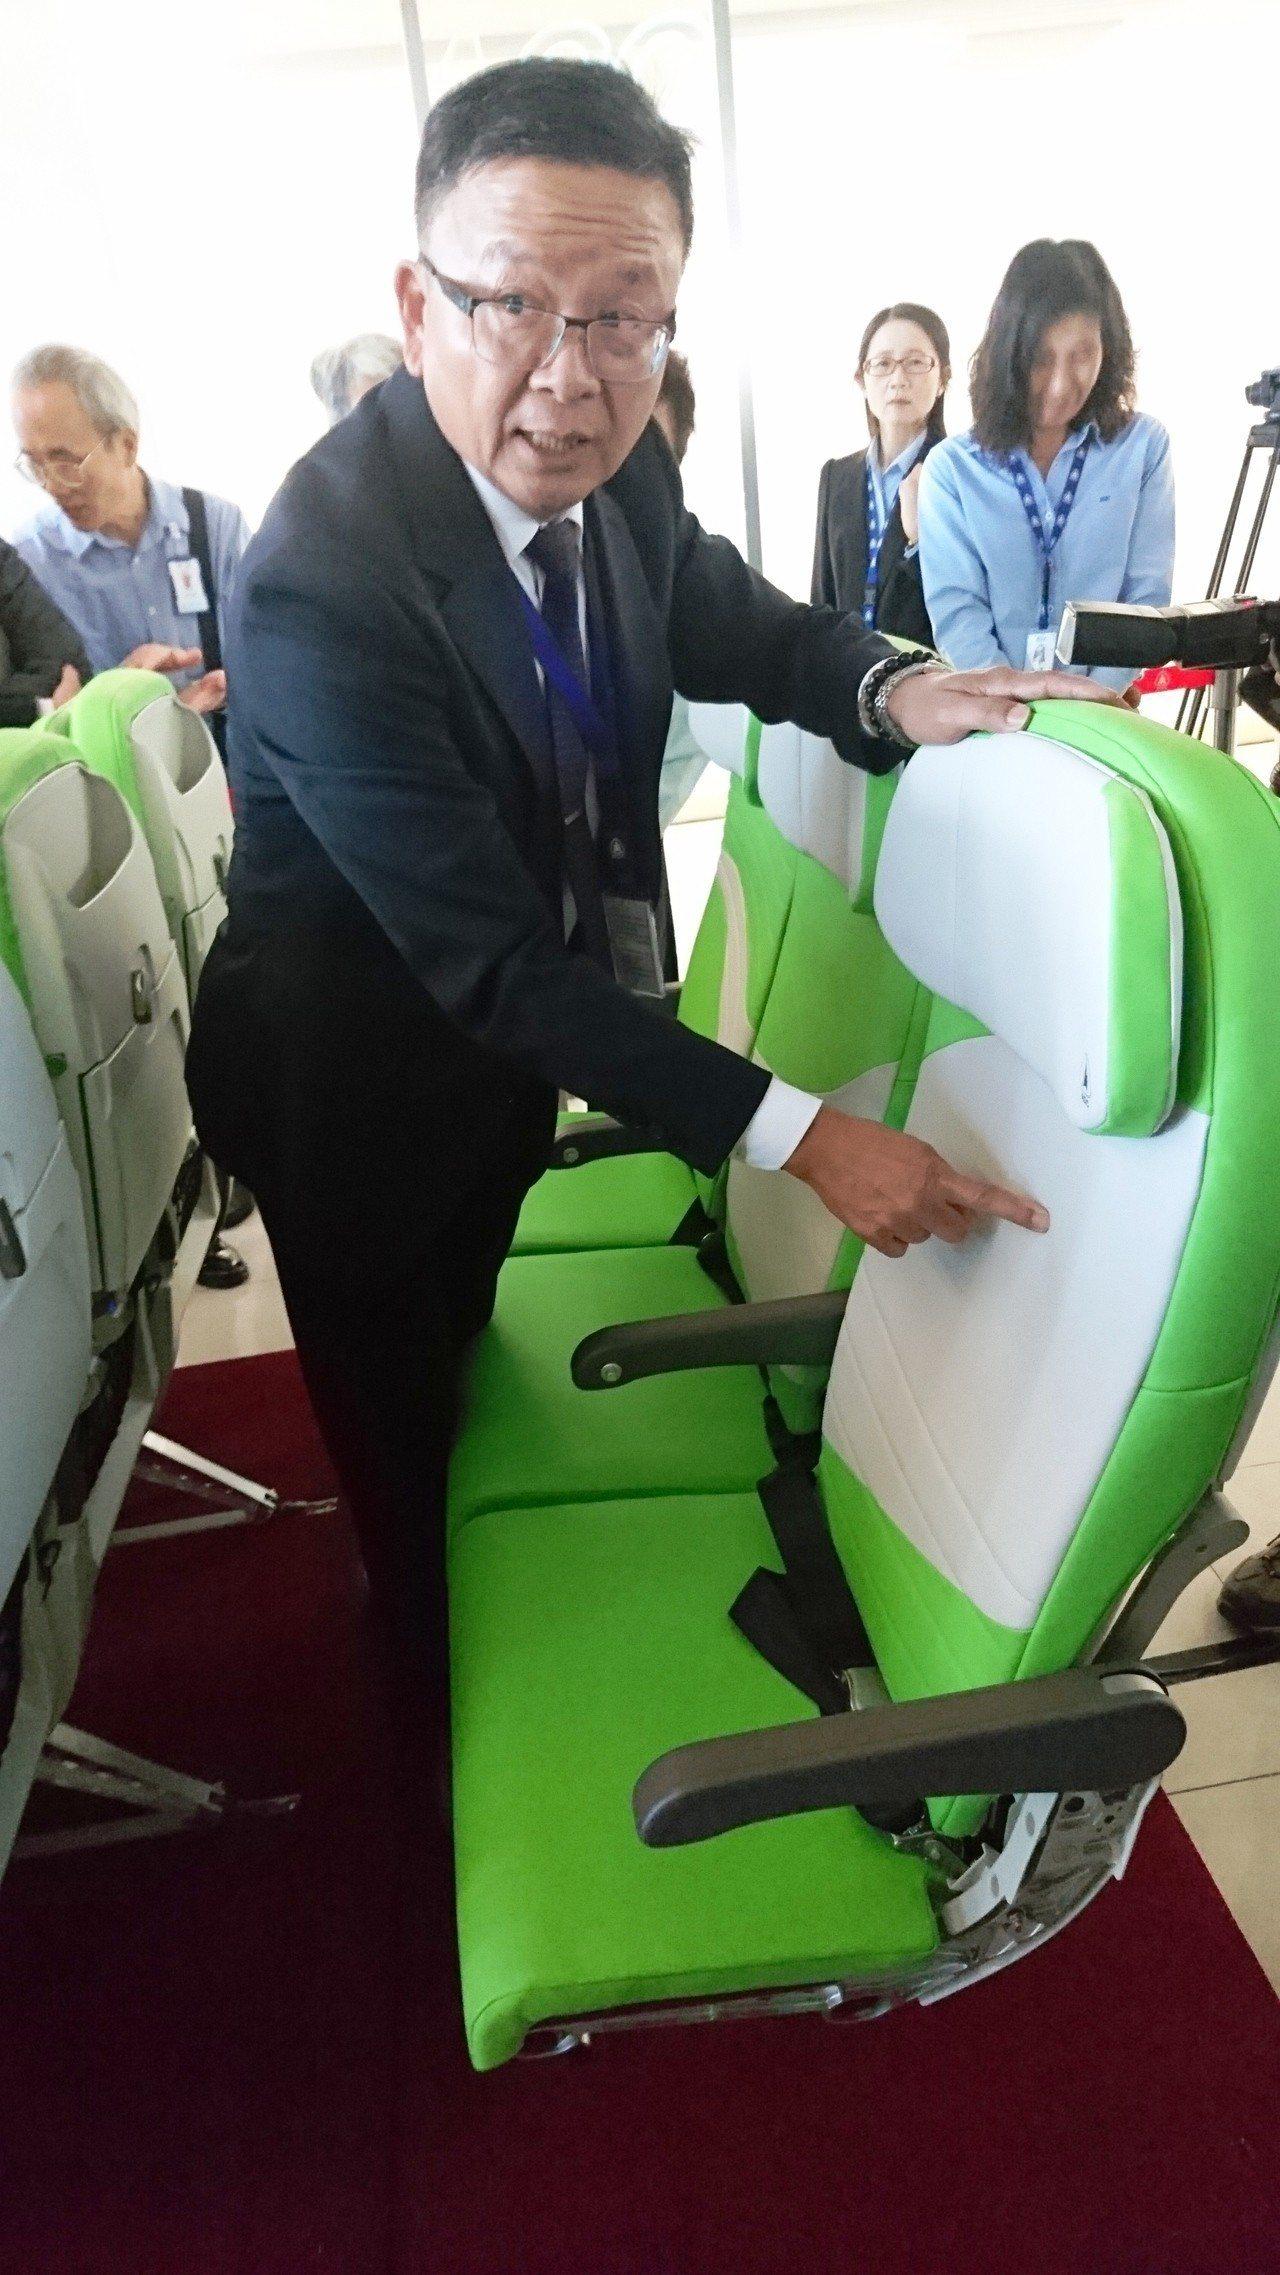 漢翔公司結合國內各廠商設計單走道經濟艙座椅,要搶食國際航空座椅的大餅。記者黑中亮...